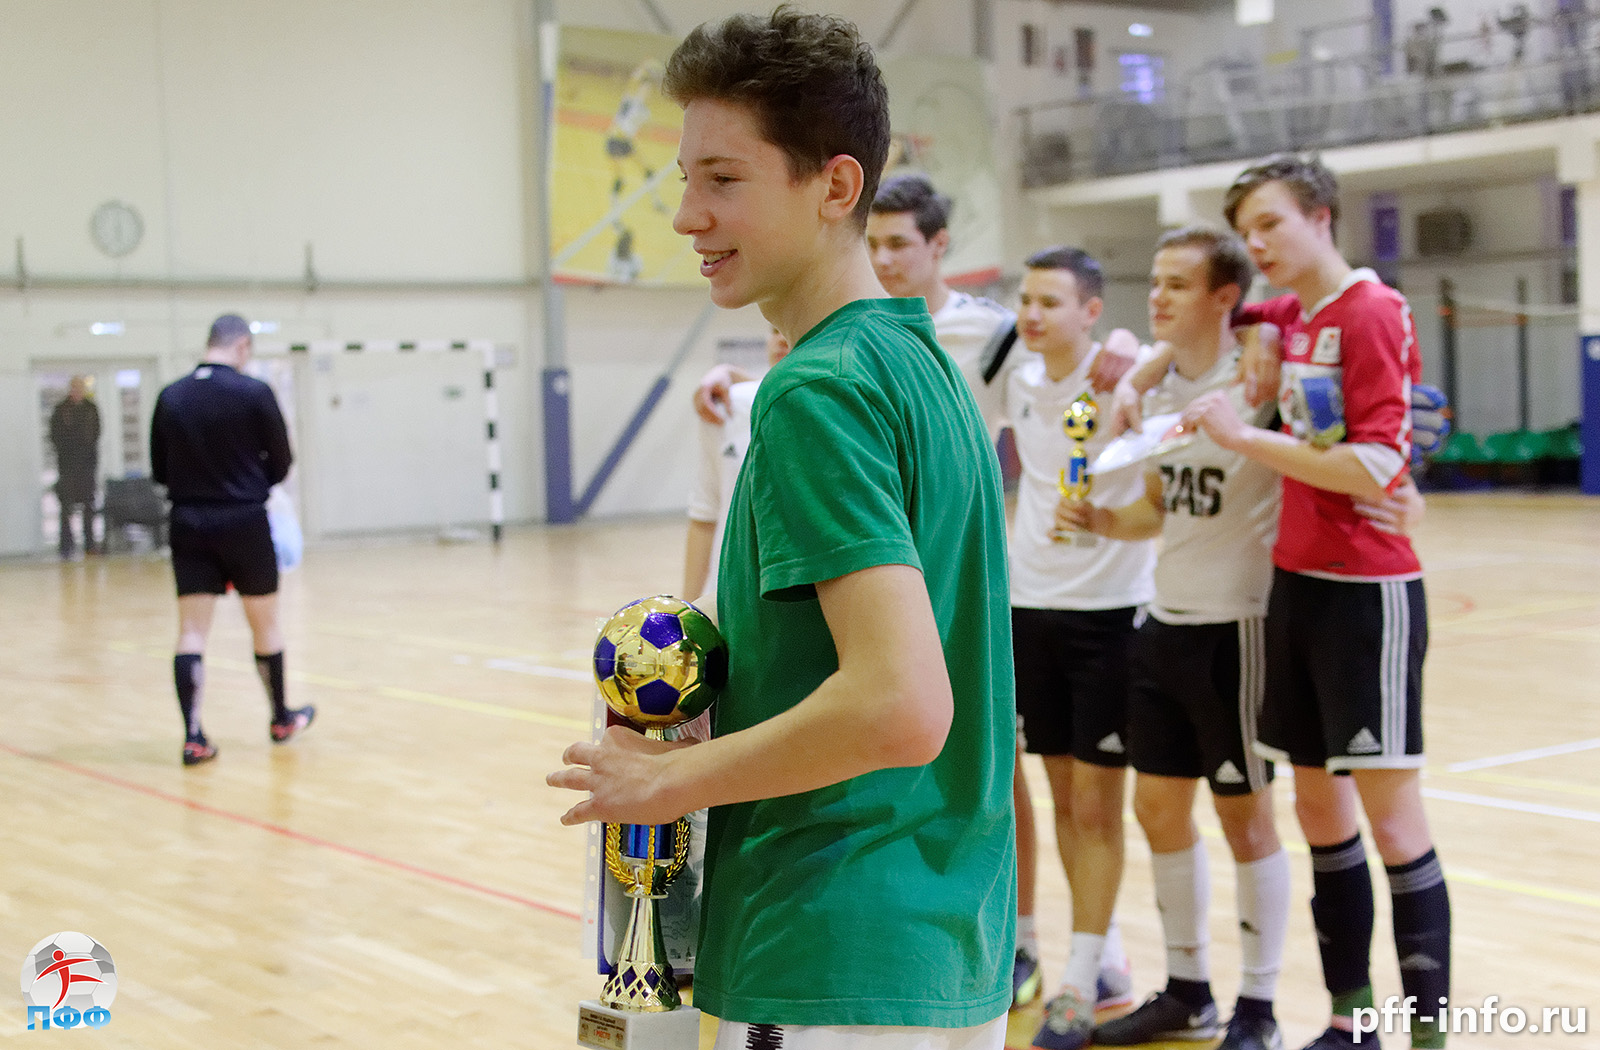 Леонид Гордеев: «Мы шли от игры к игре, настраиваясь на каждый матч»